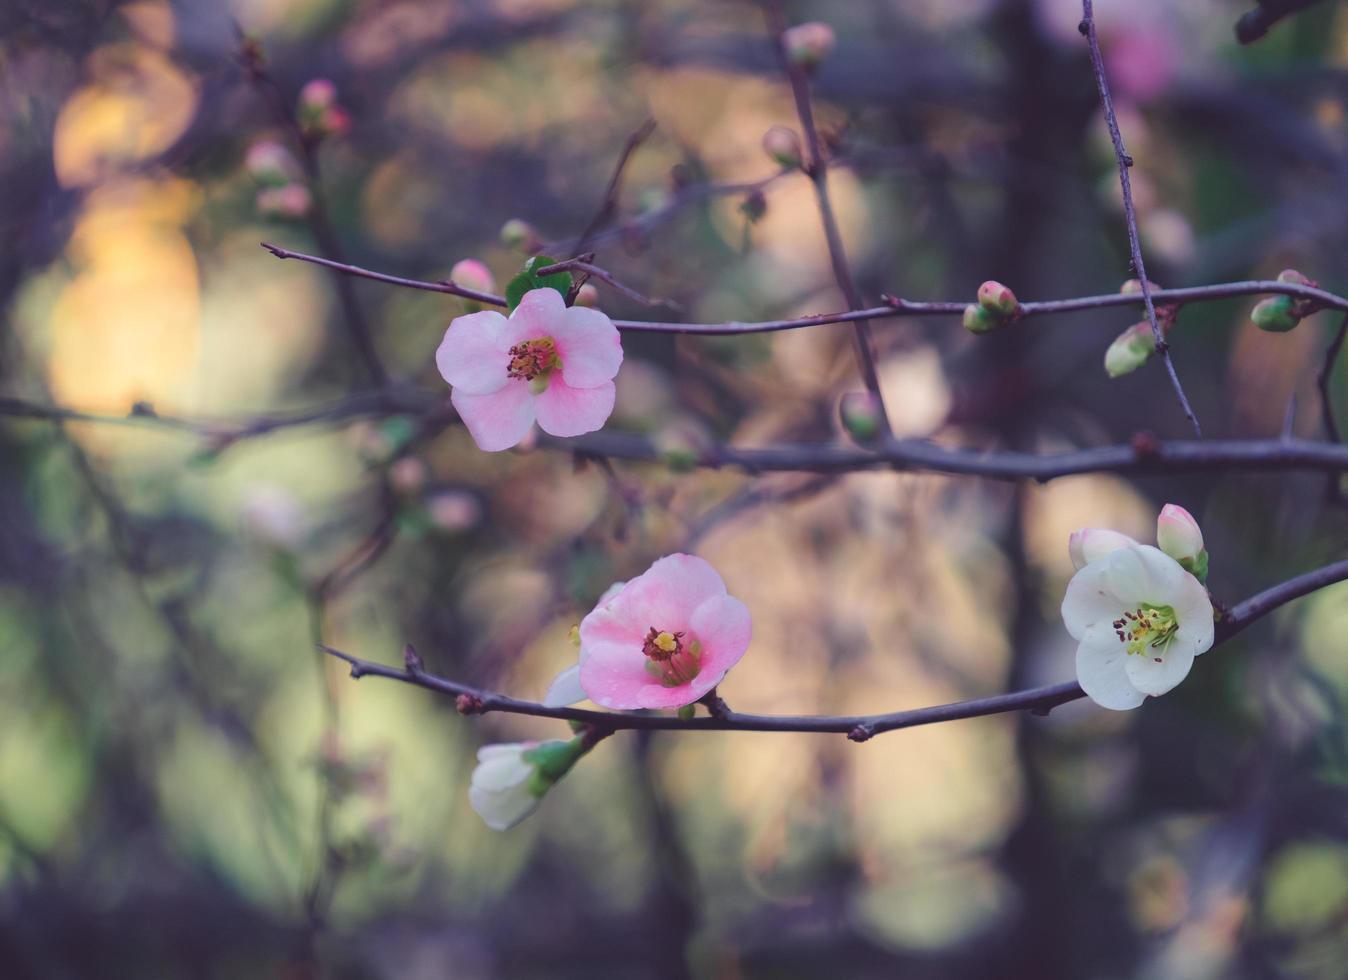 rami degli alberi in fiore su uno sfondo sfocato foto